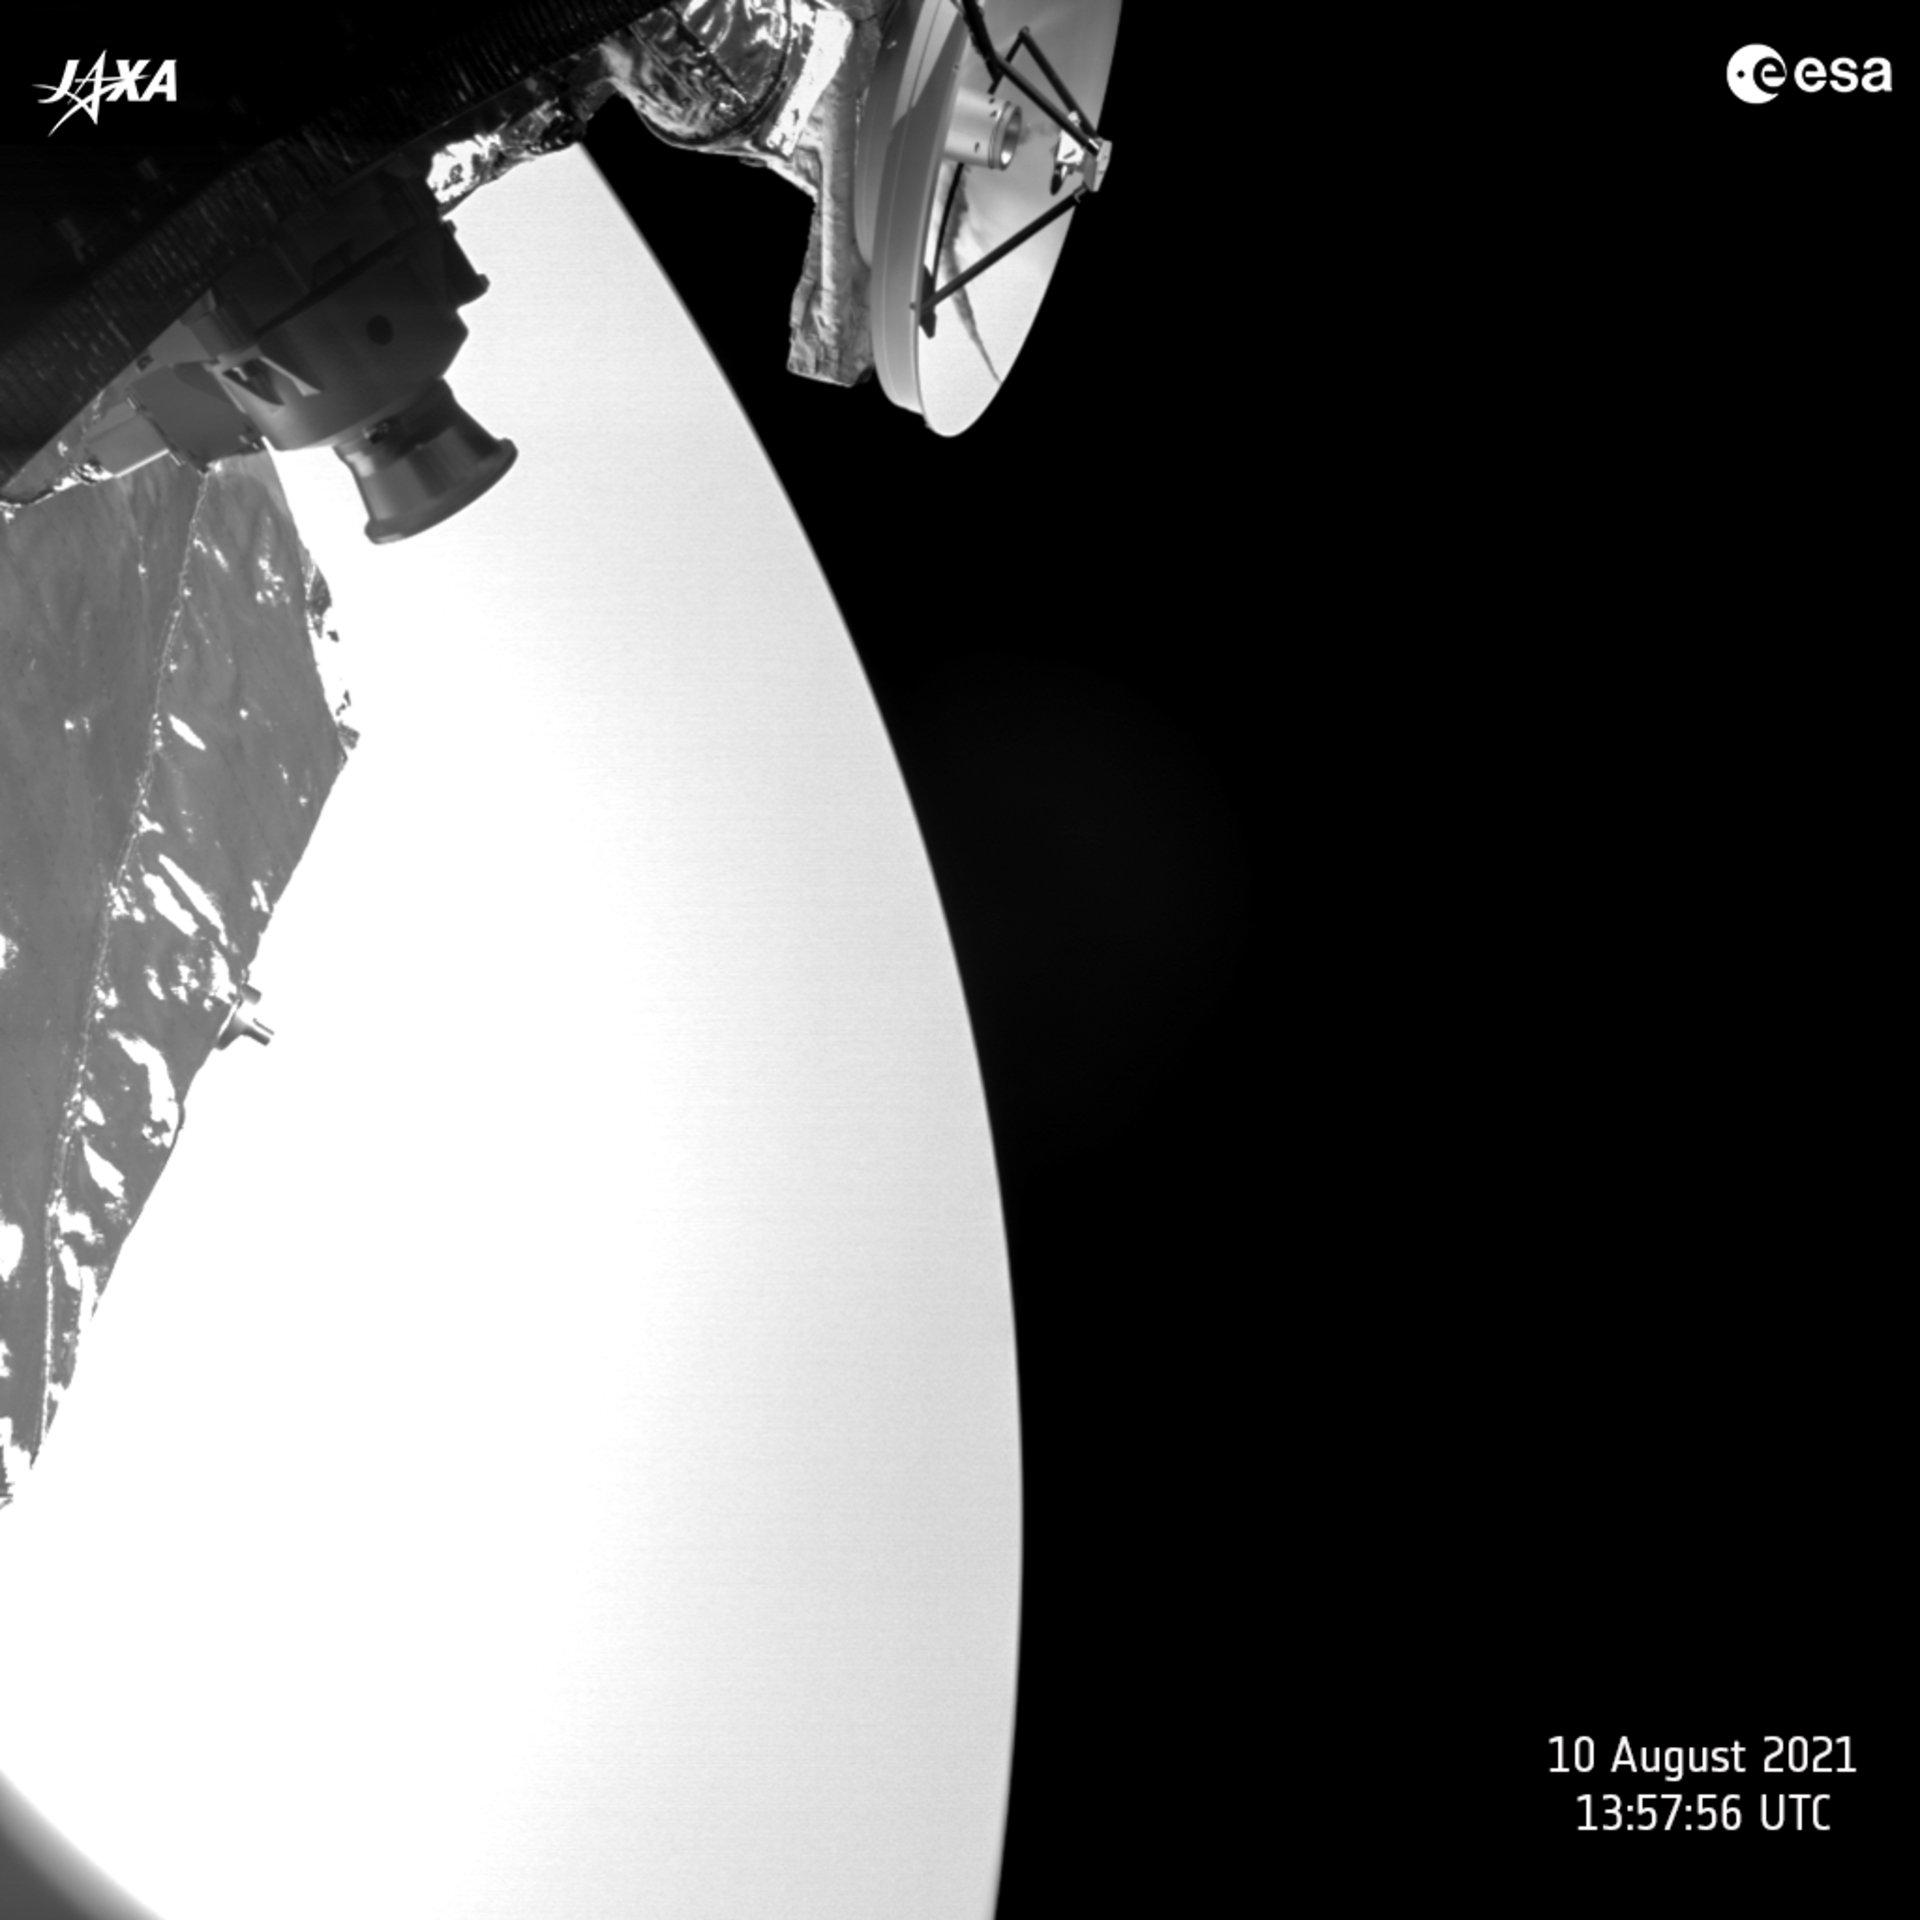 Bepi-Colombo : les survols de Vénus (15.10.2020 ; 10.08.2021) 12092